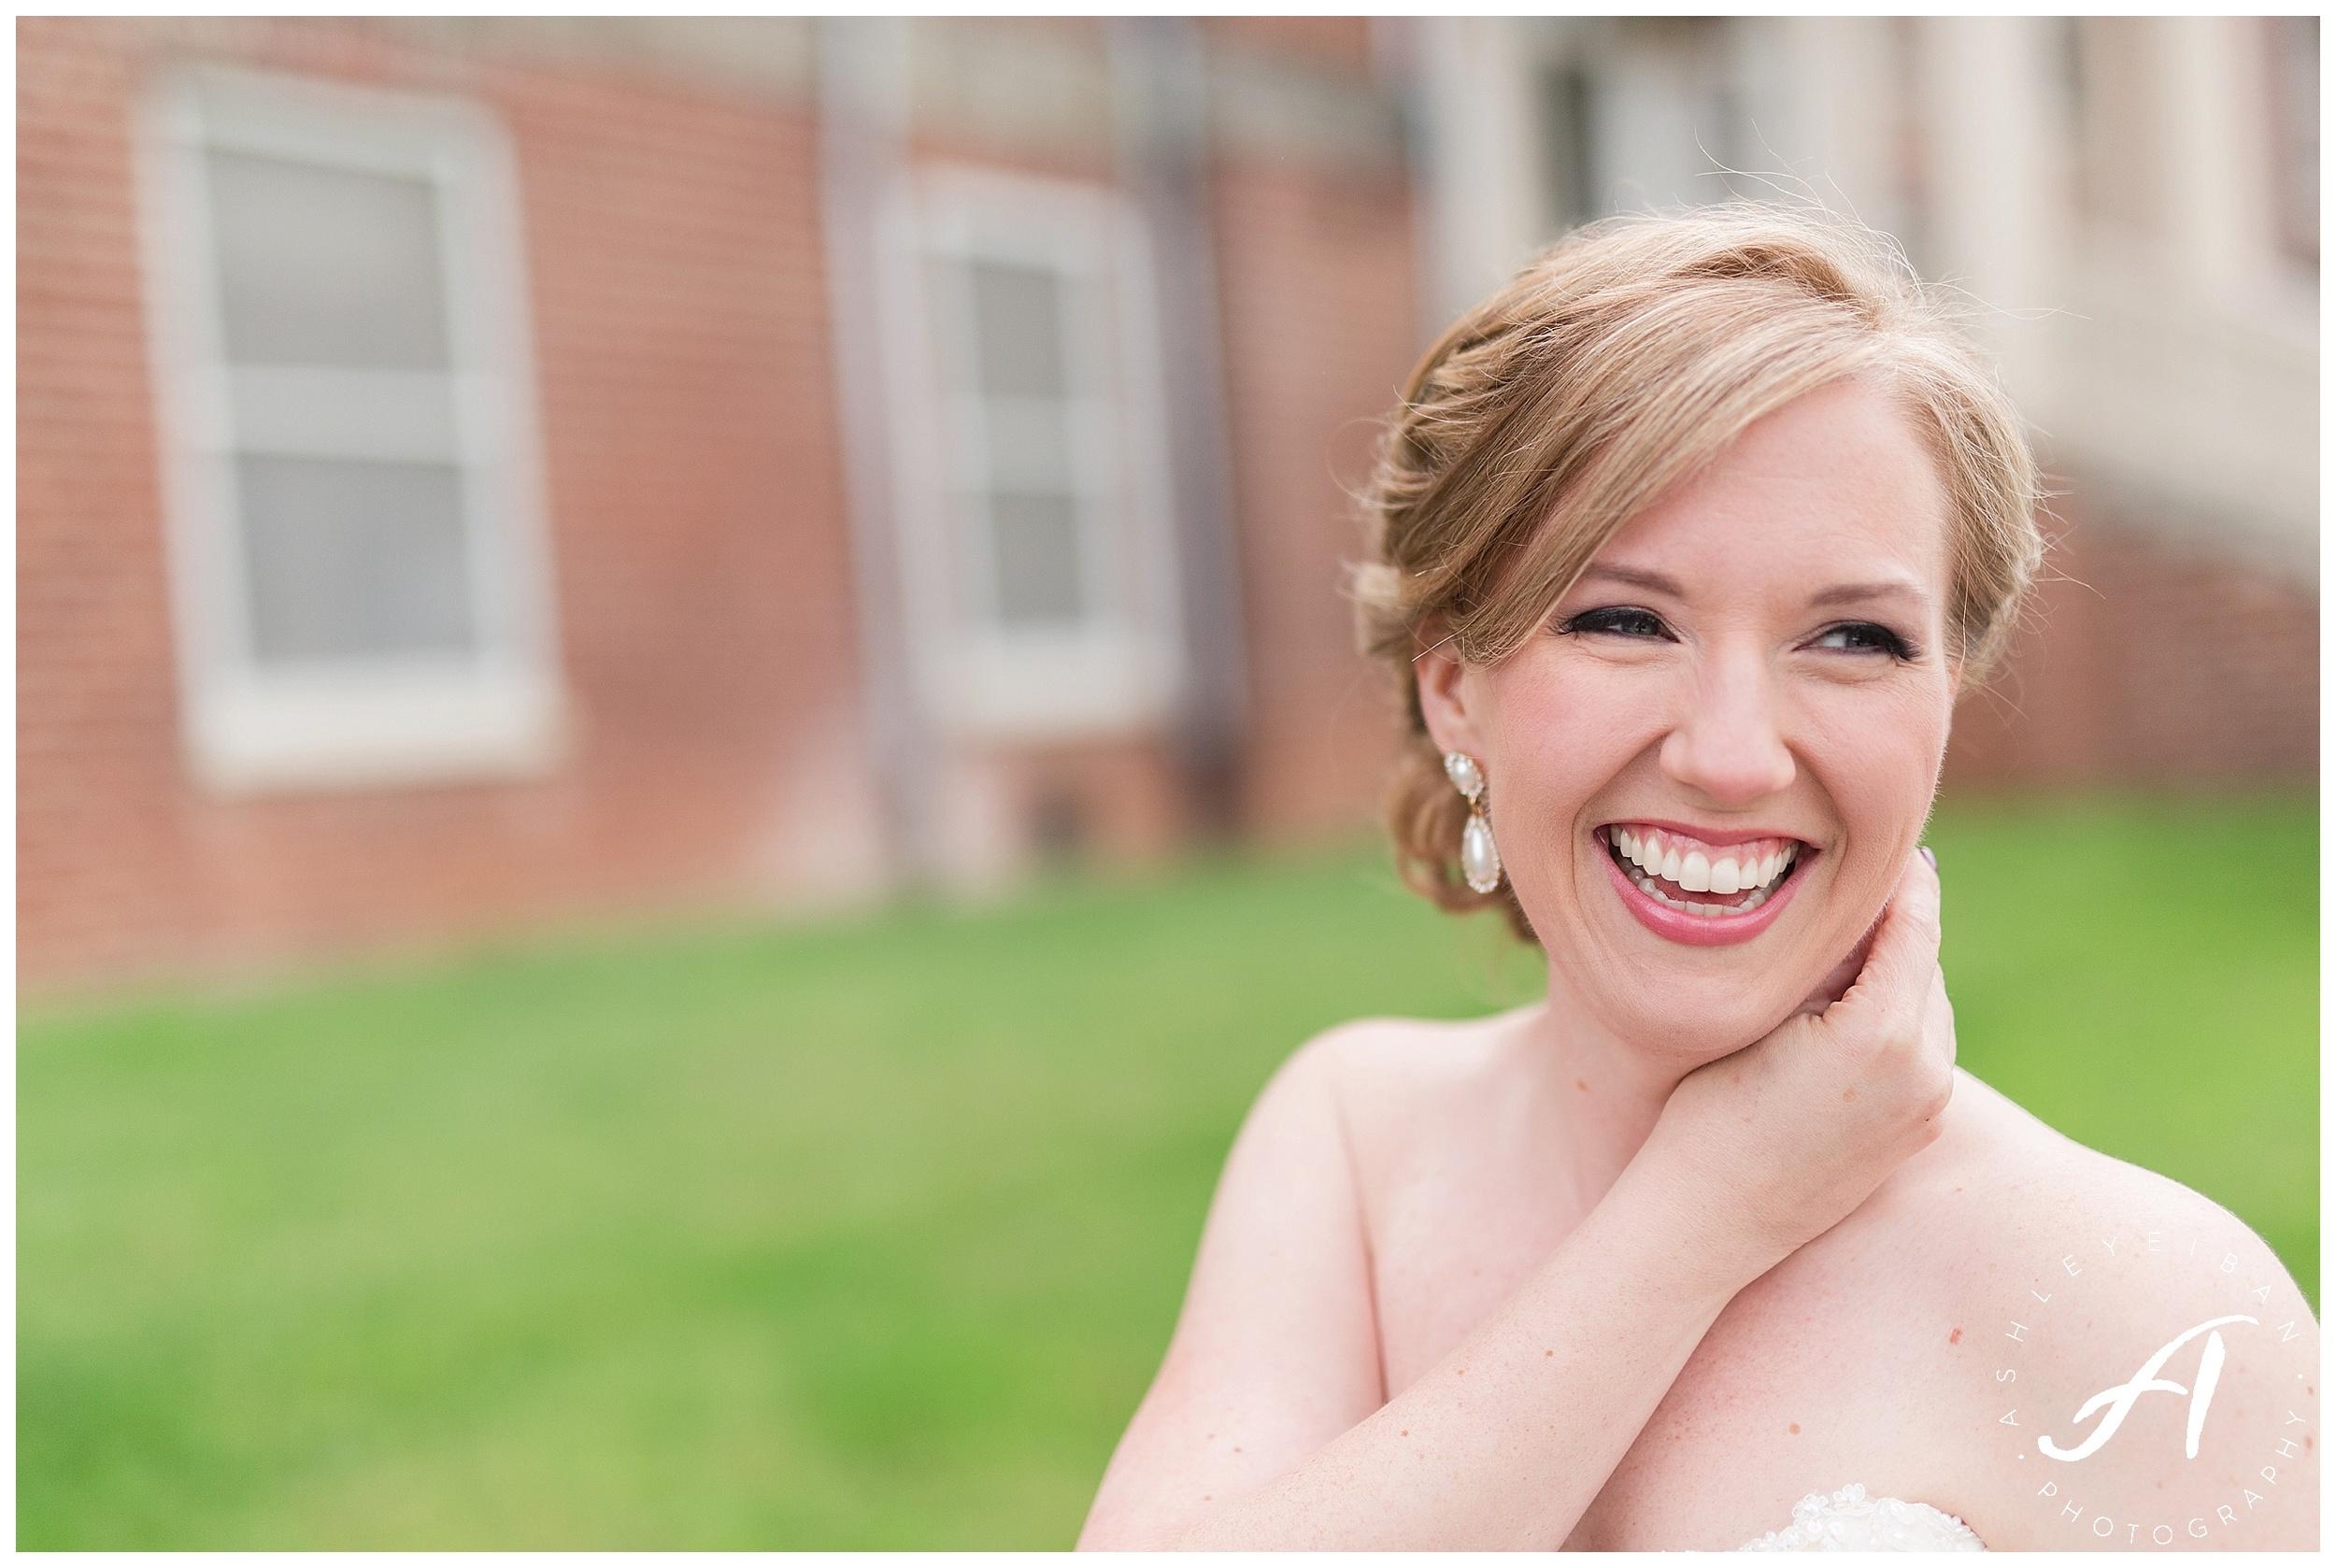 Lynchburg Virginia Wedding Photographer || Charlottesville Wedding Photographer || Bridal Portraits || Ashley Eiban Photography || www.ashleyeiban.com